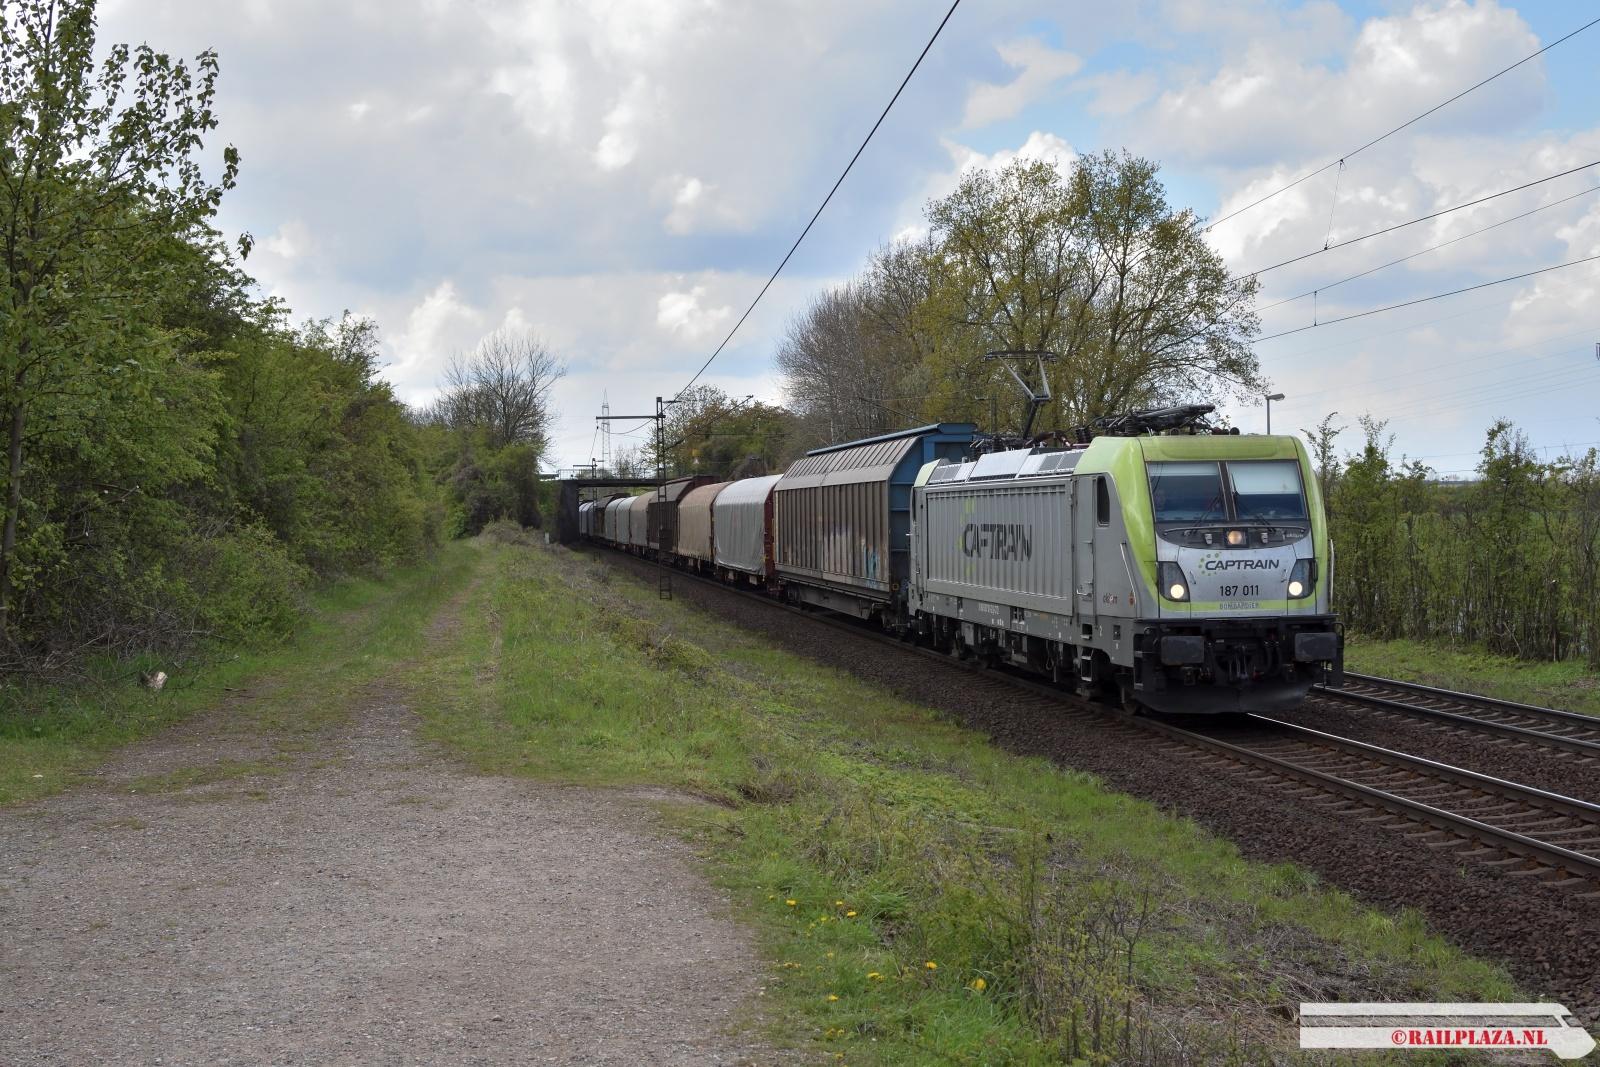 187 011 - Ahlten